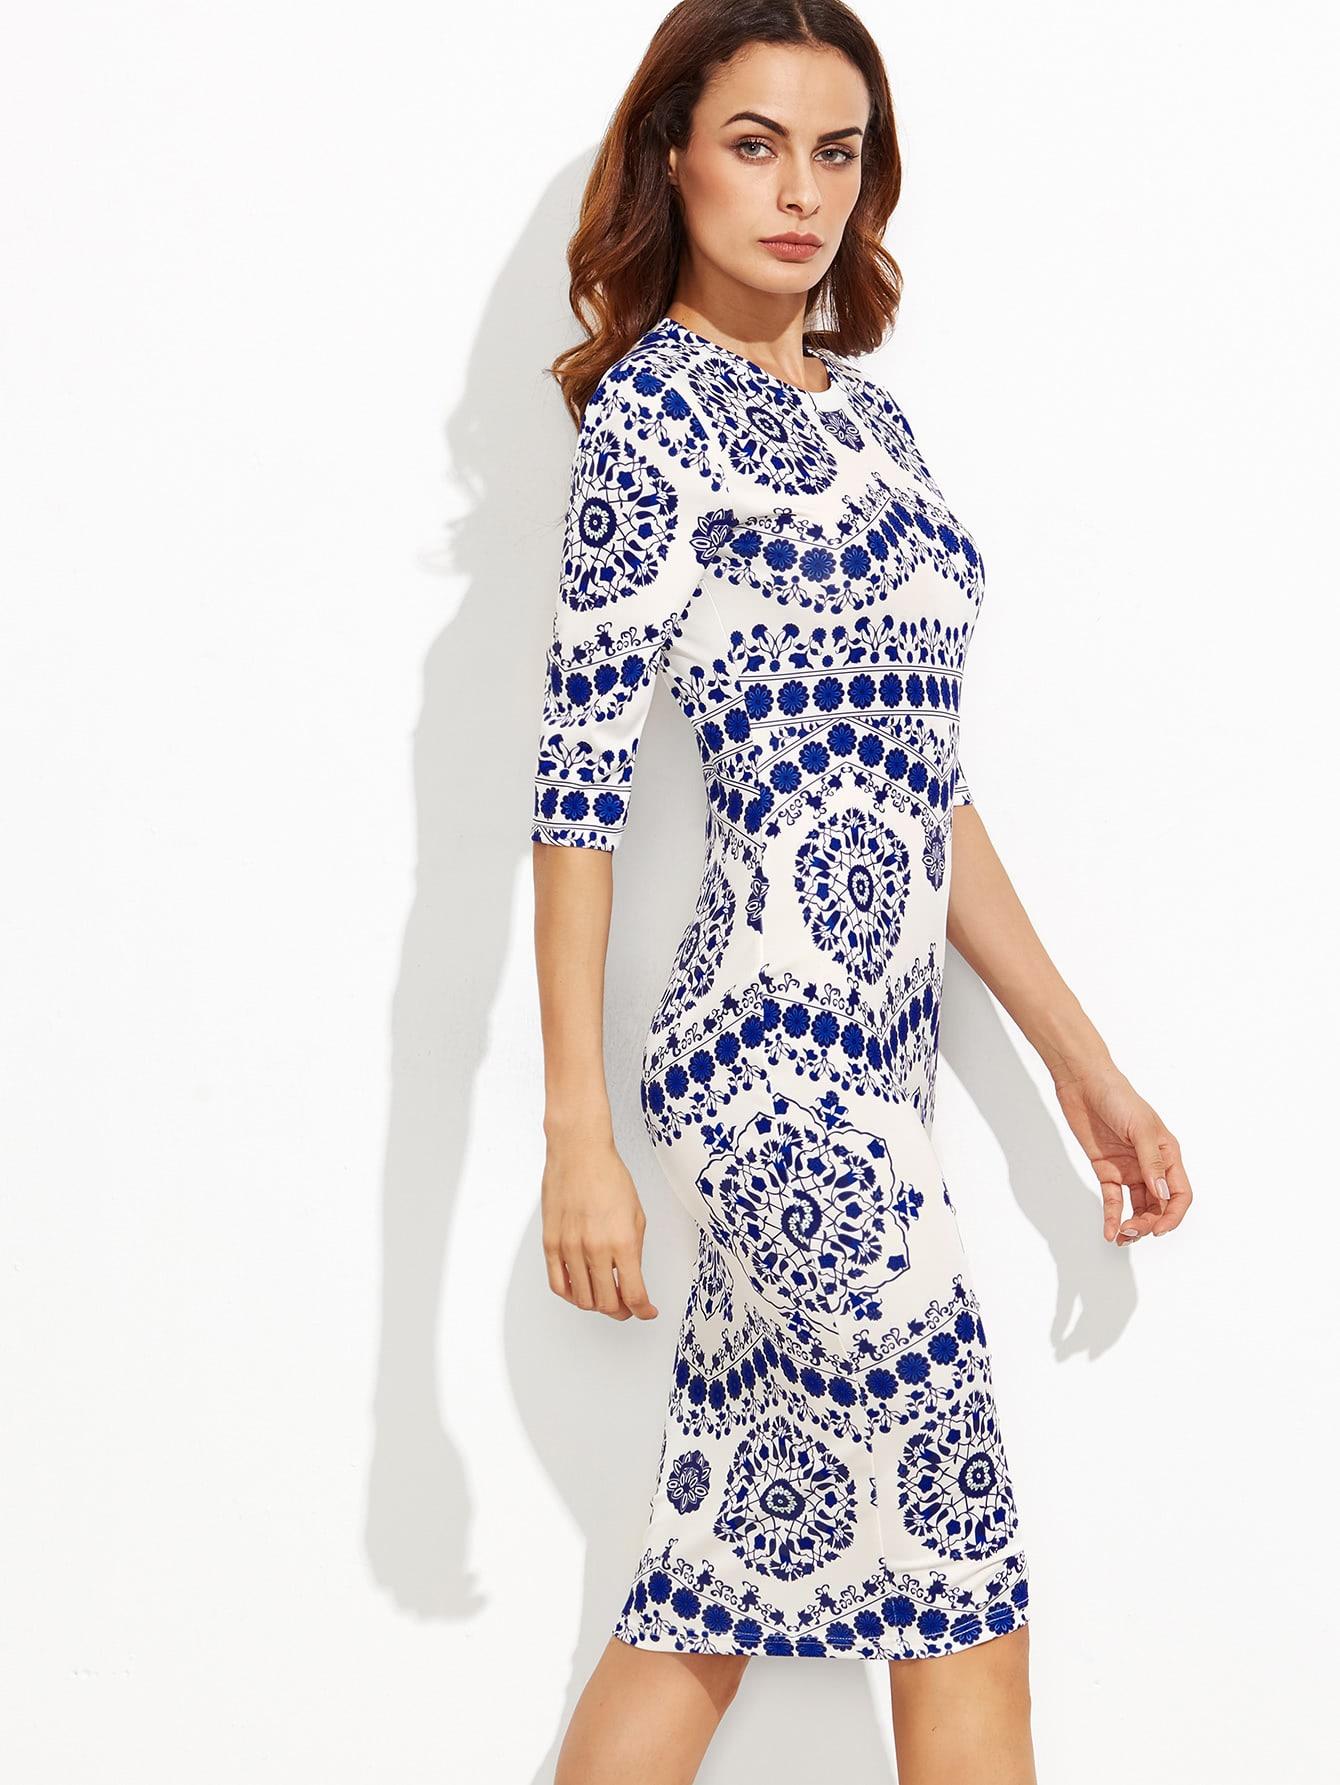 dress160901504_2